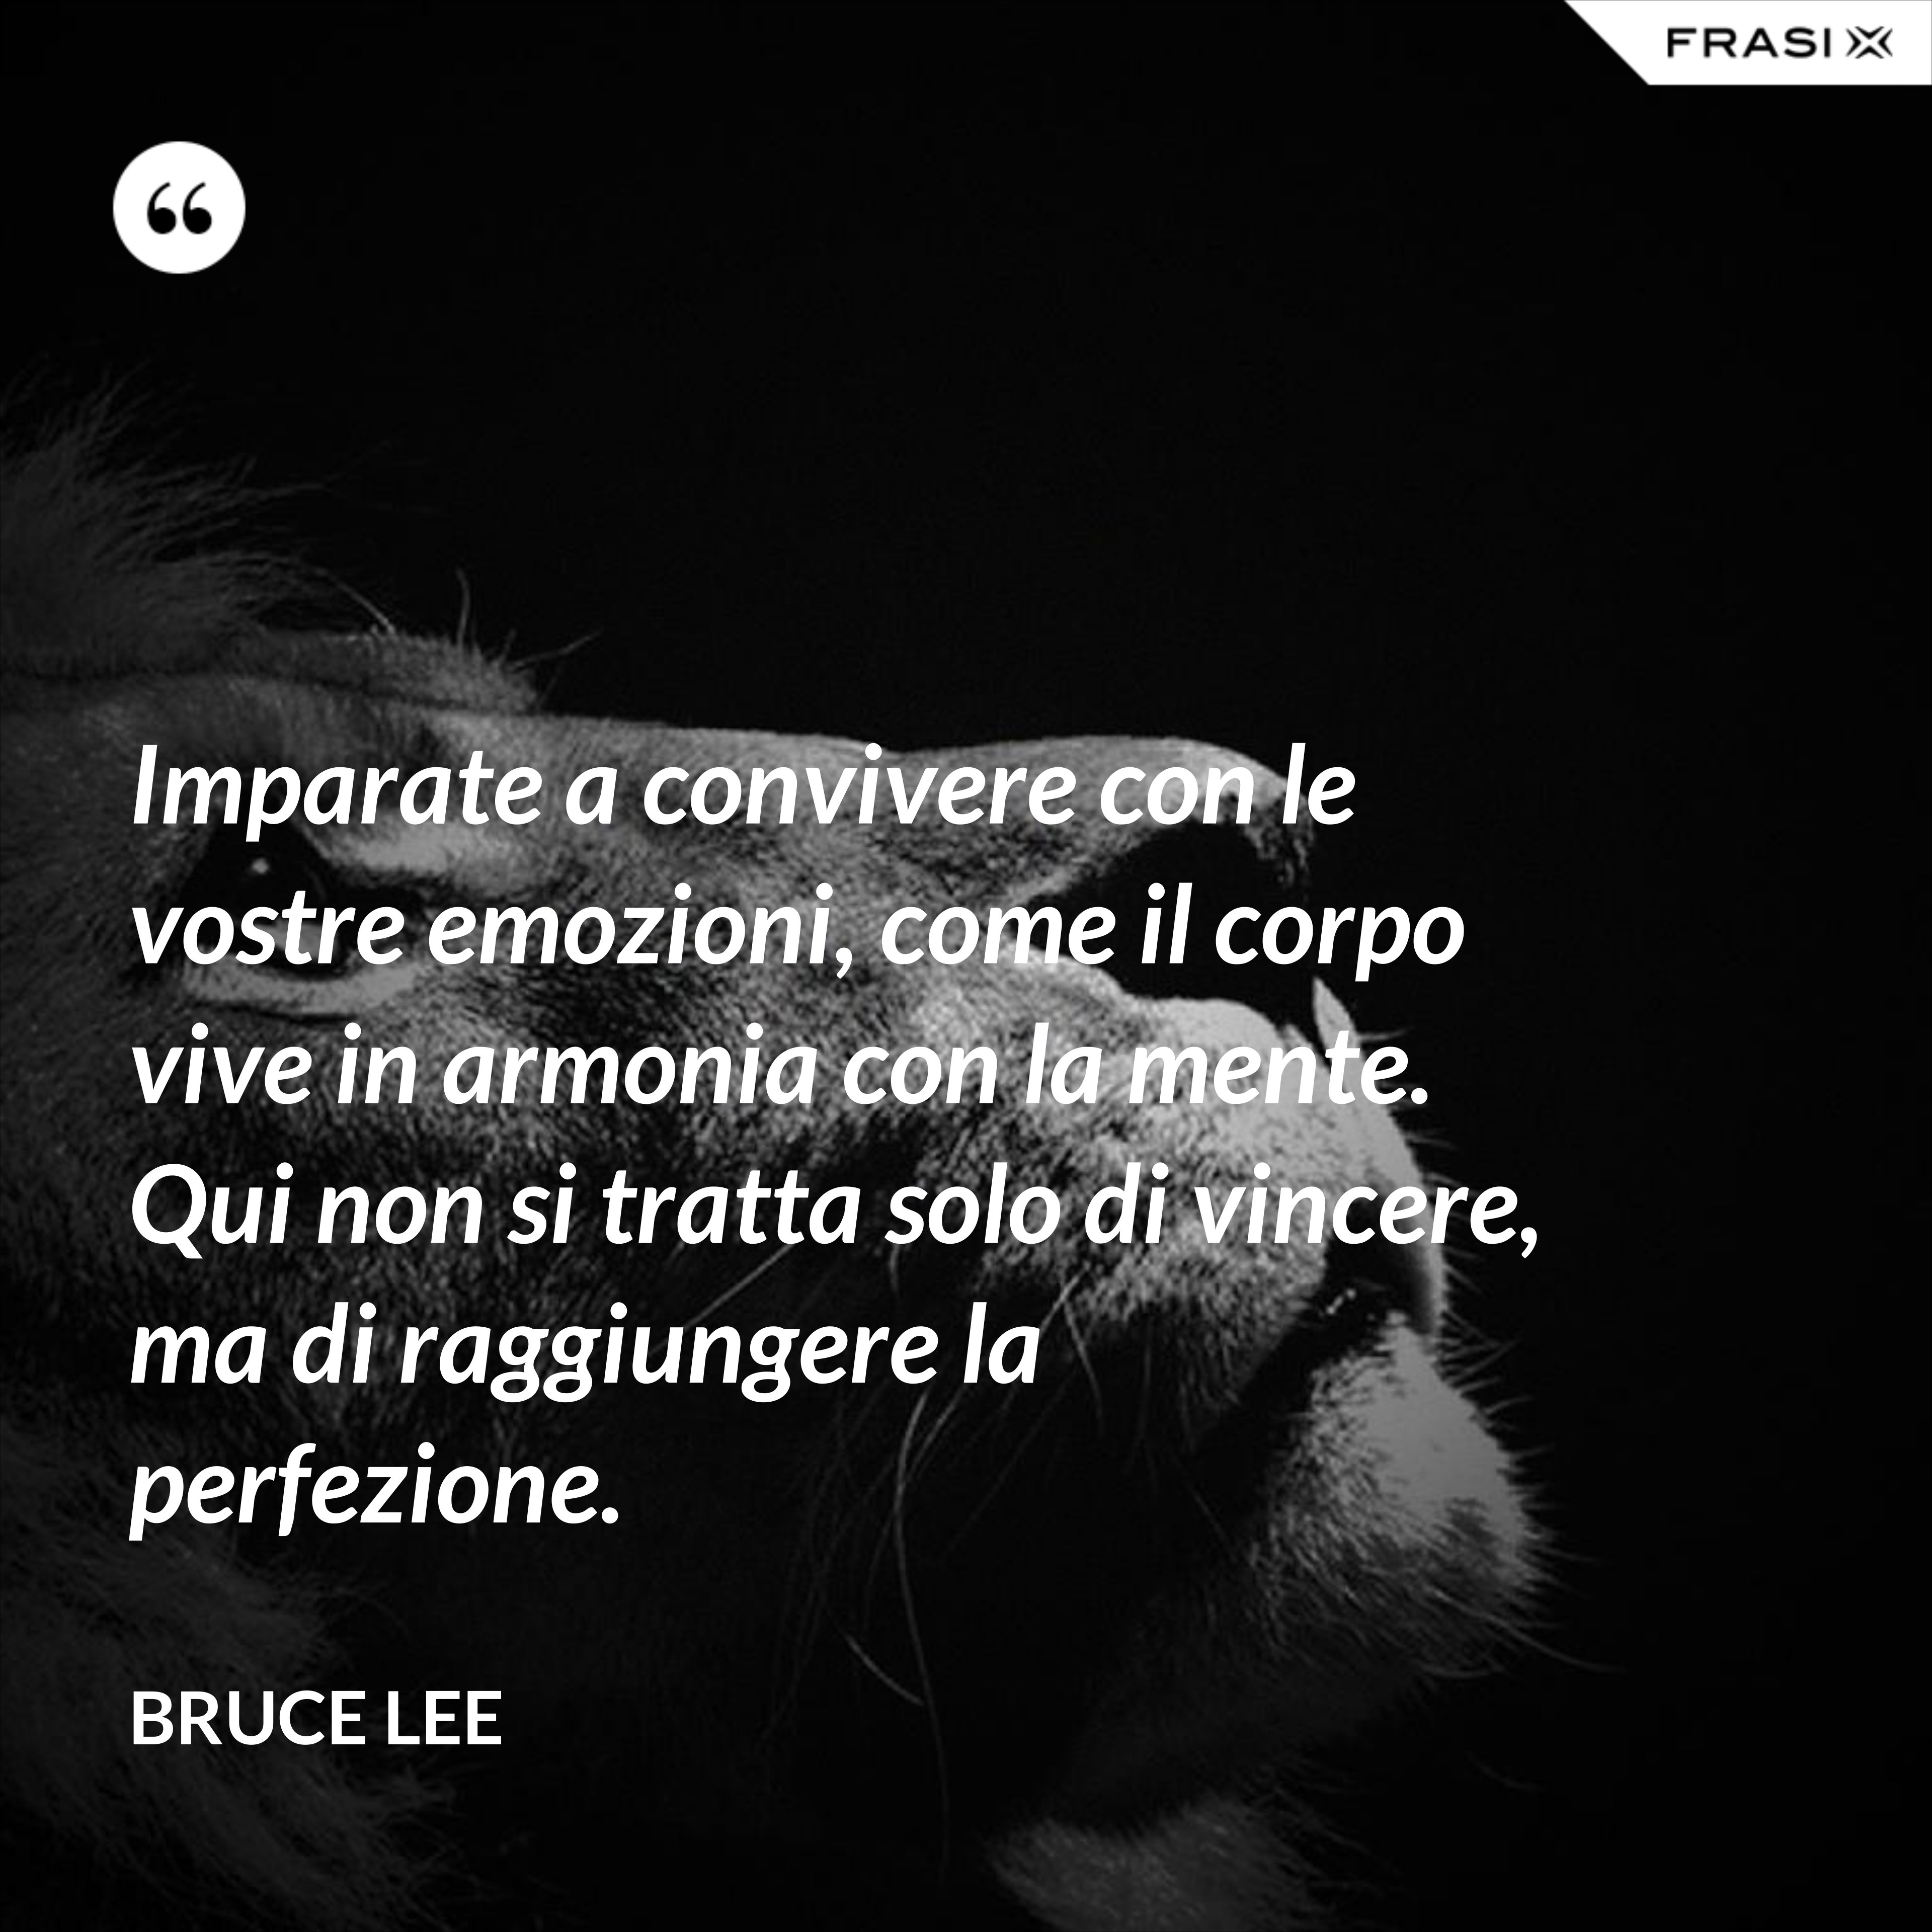 Imparate a convivere con le vostre emozioni, come il corpo vive in armonia con la mente. Qui non si tratta solo di vincere, ma di raggiungere la perfezione. - Bruce Lee